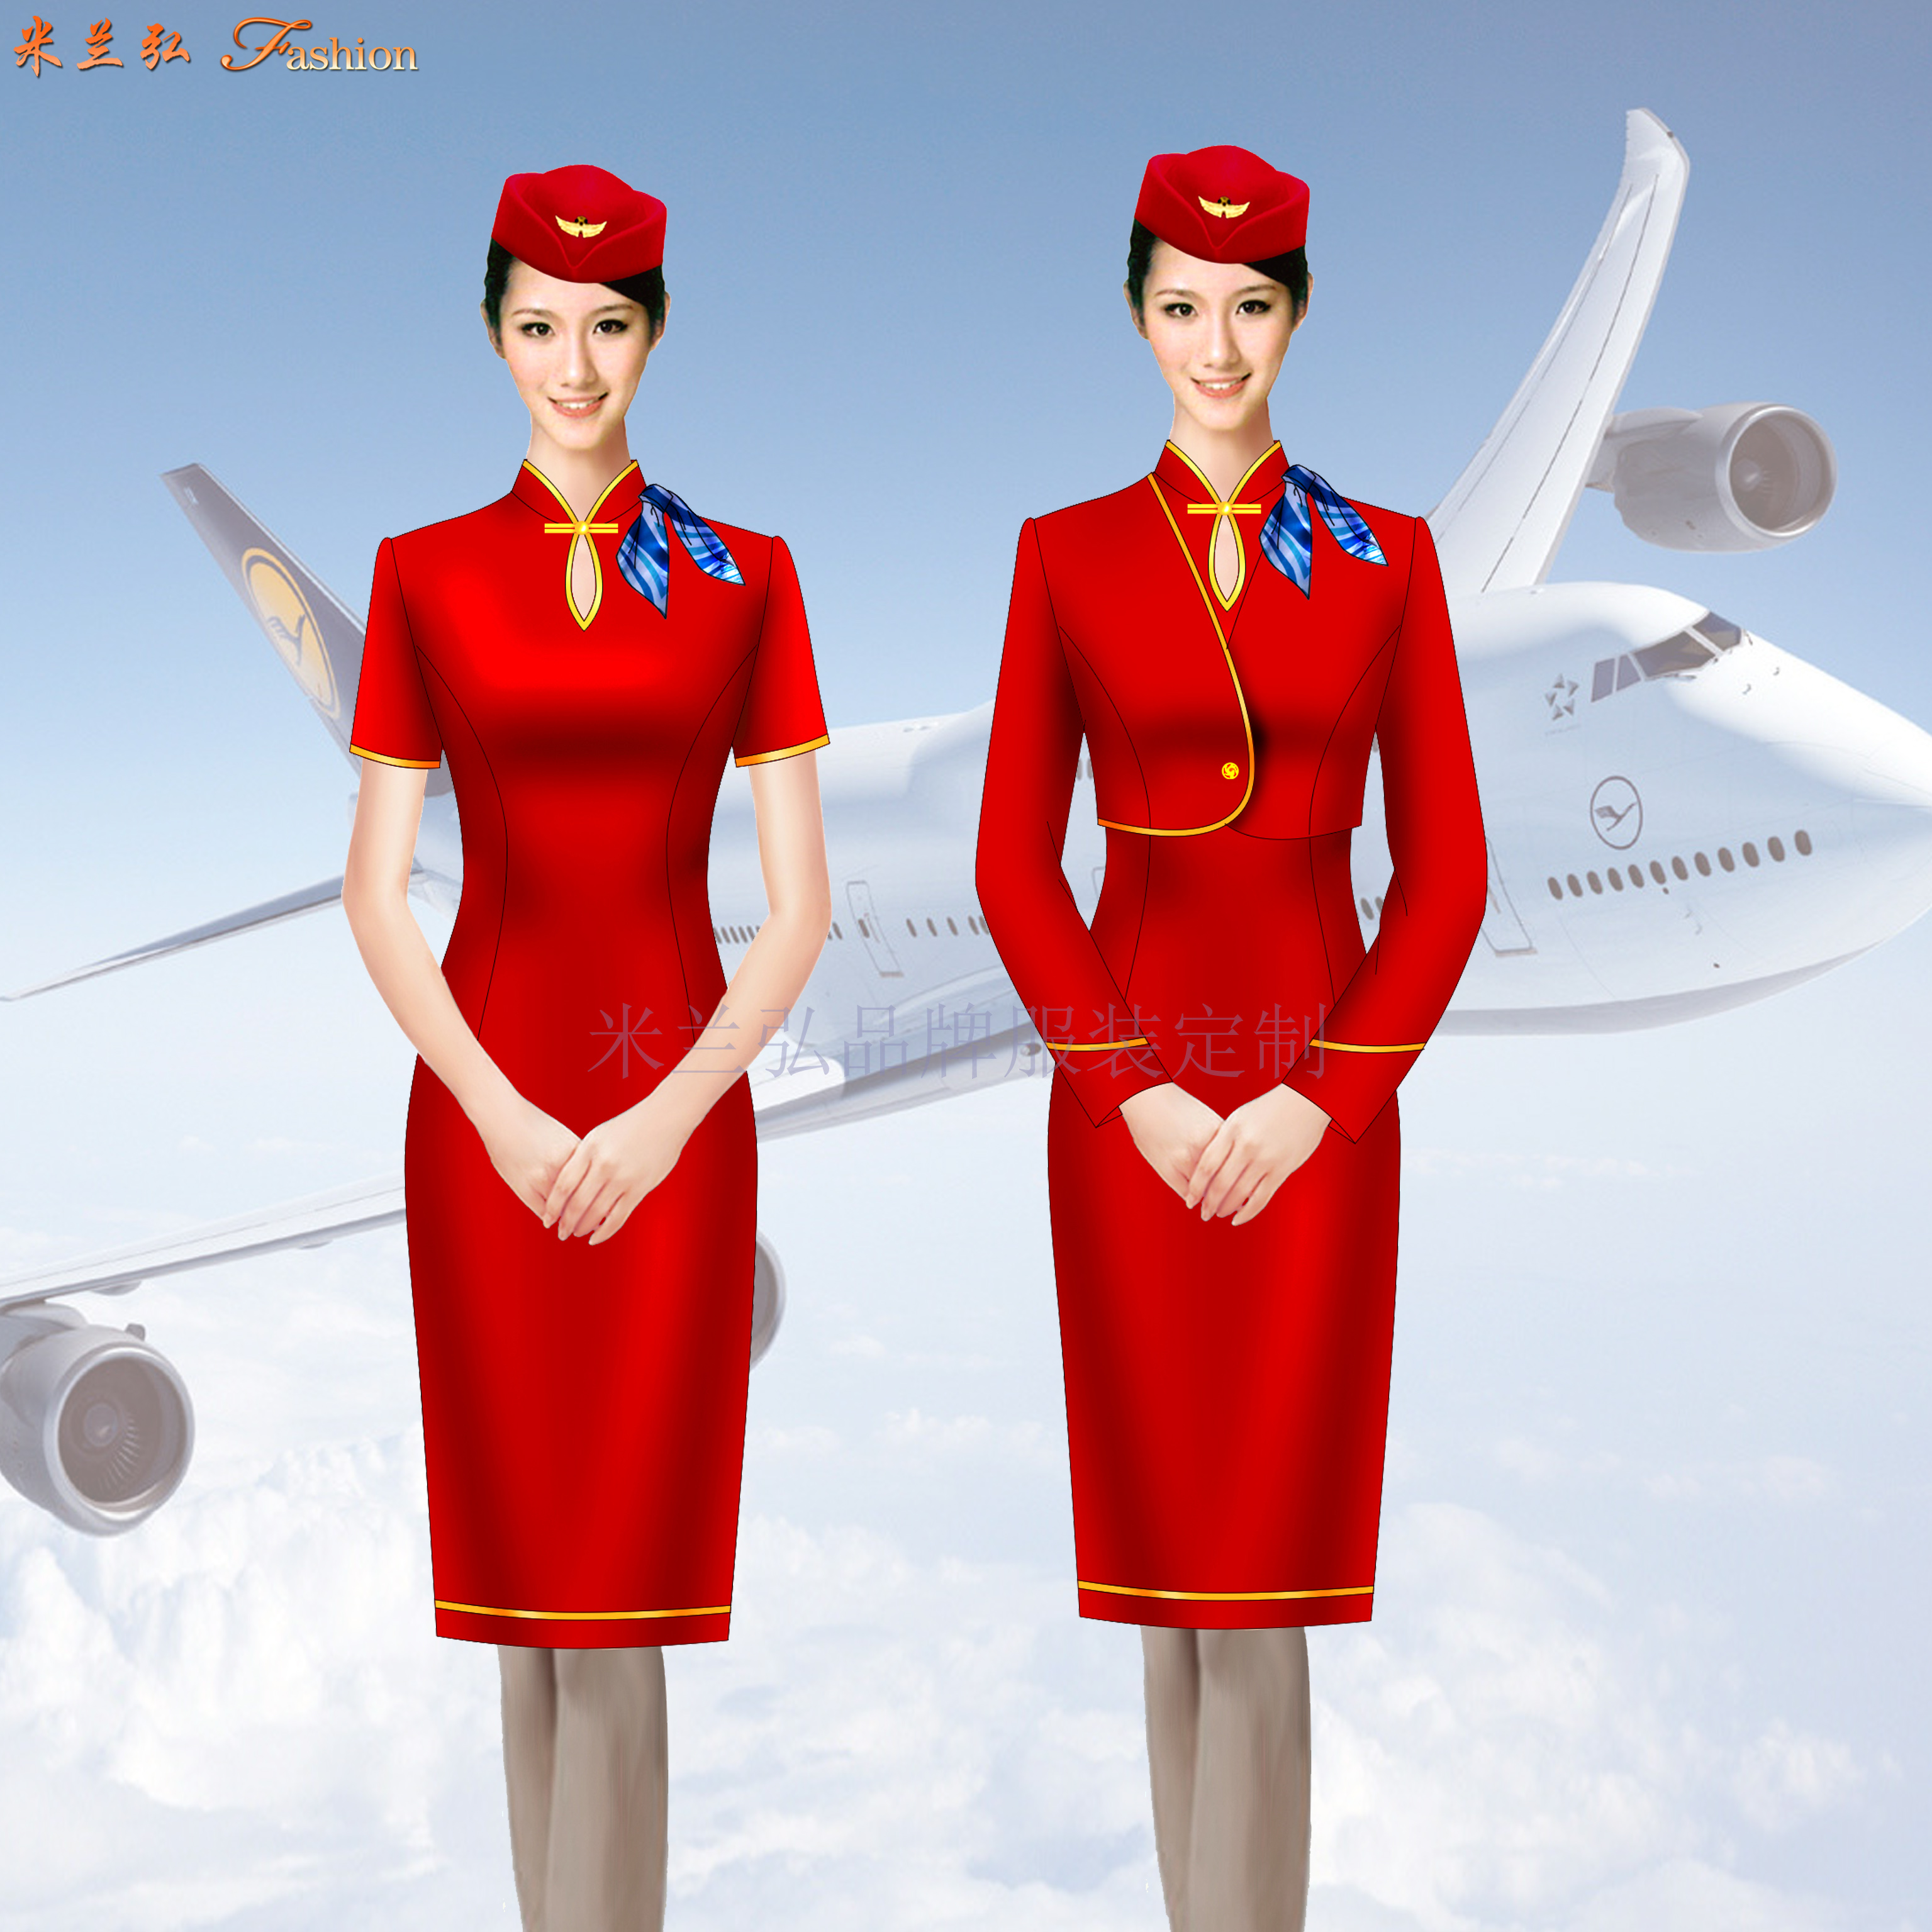 空姐服裙裝訂制定做空姐服連衣裙套裝價格-米蘭弘廠家-4